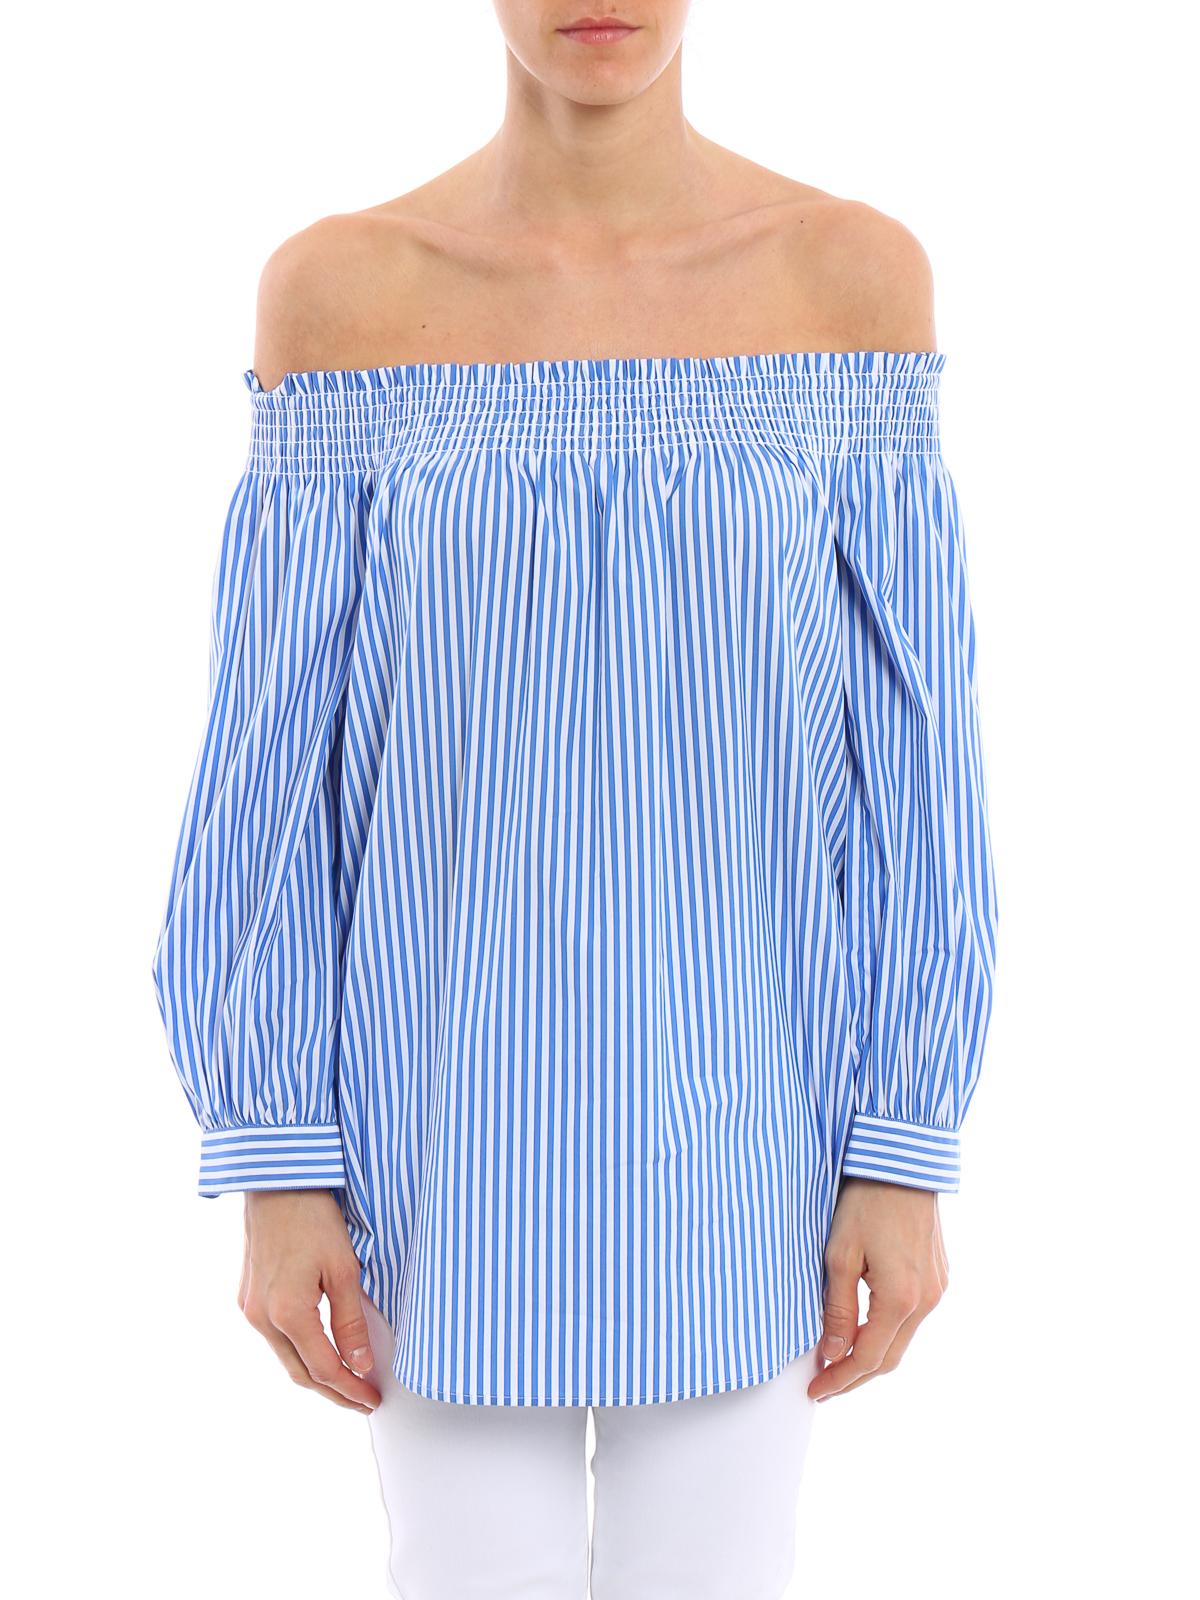 08c2ff3d191a16 POLO RALPH LAUREN  blouses online - Striped off the shoulder blouse